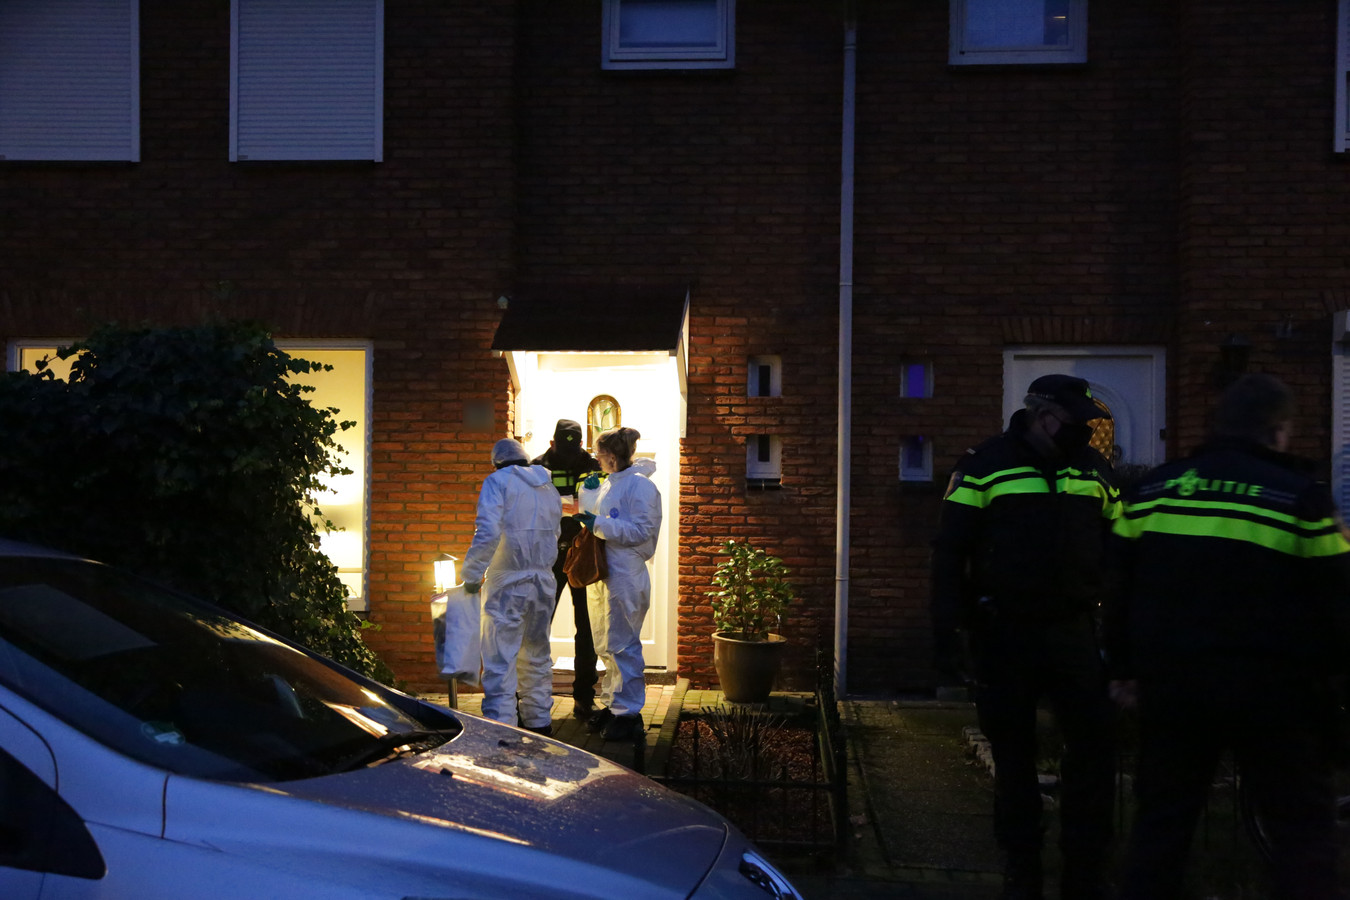 De politie deed onderzoek in de Willem Kloosterstraat in Almelo, waar een van de verdachten woont.